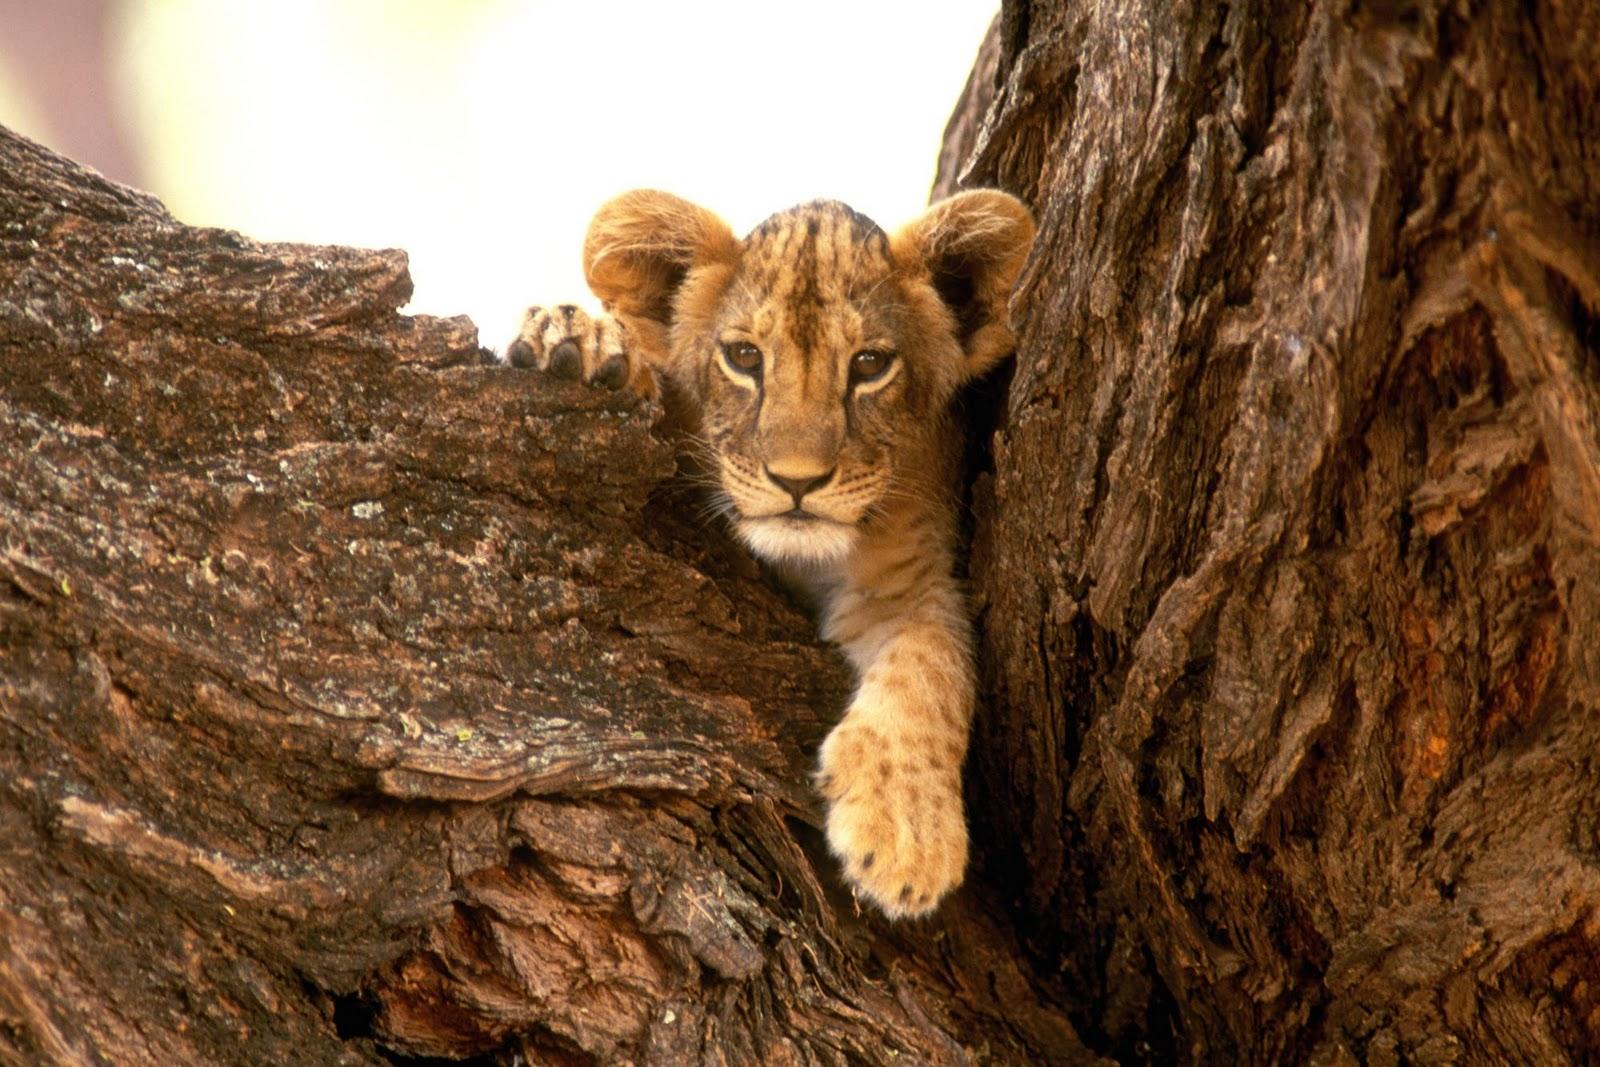 http://4.bp.blogspot.com/-C-b0_7u47gA/TnhpvV8XEGI/AAAAAAAAA4s/OhI9ZhMBwhM/s1600/lion_cub_wallpaper+1.jpg